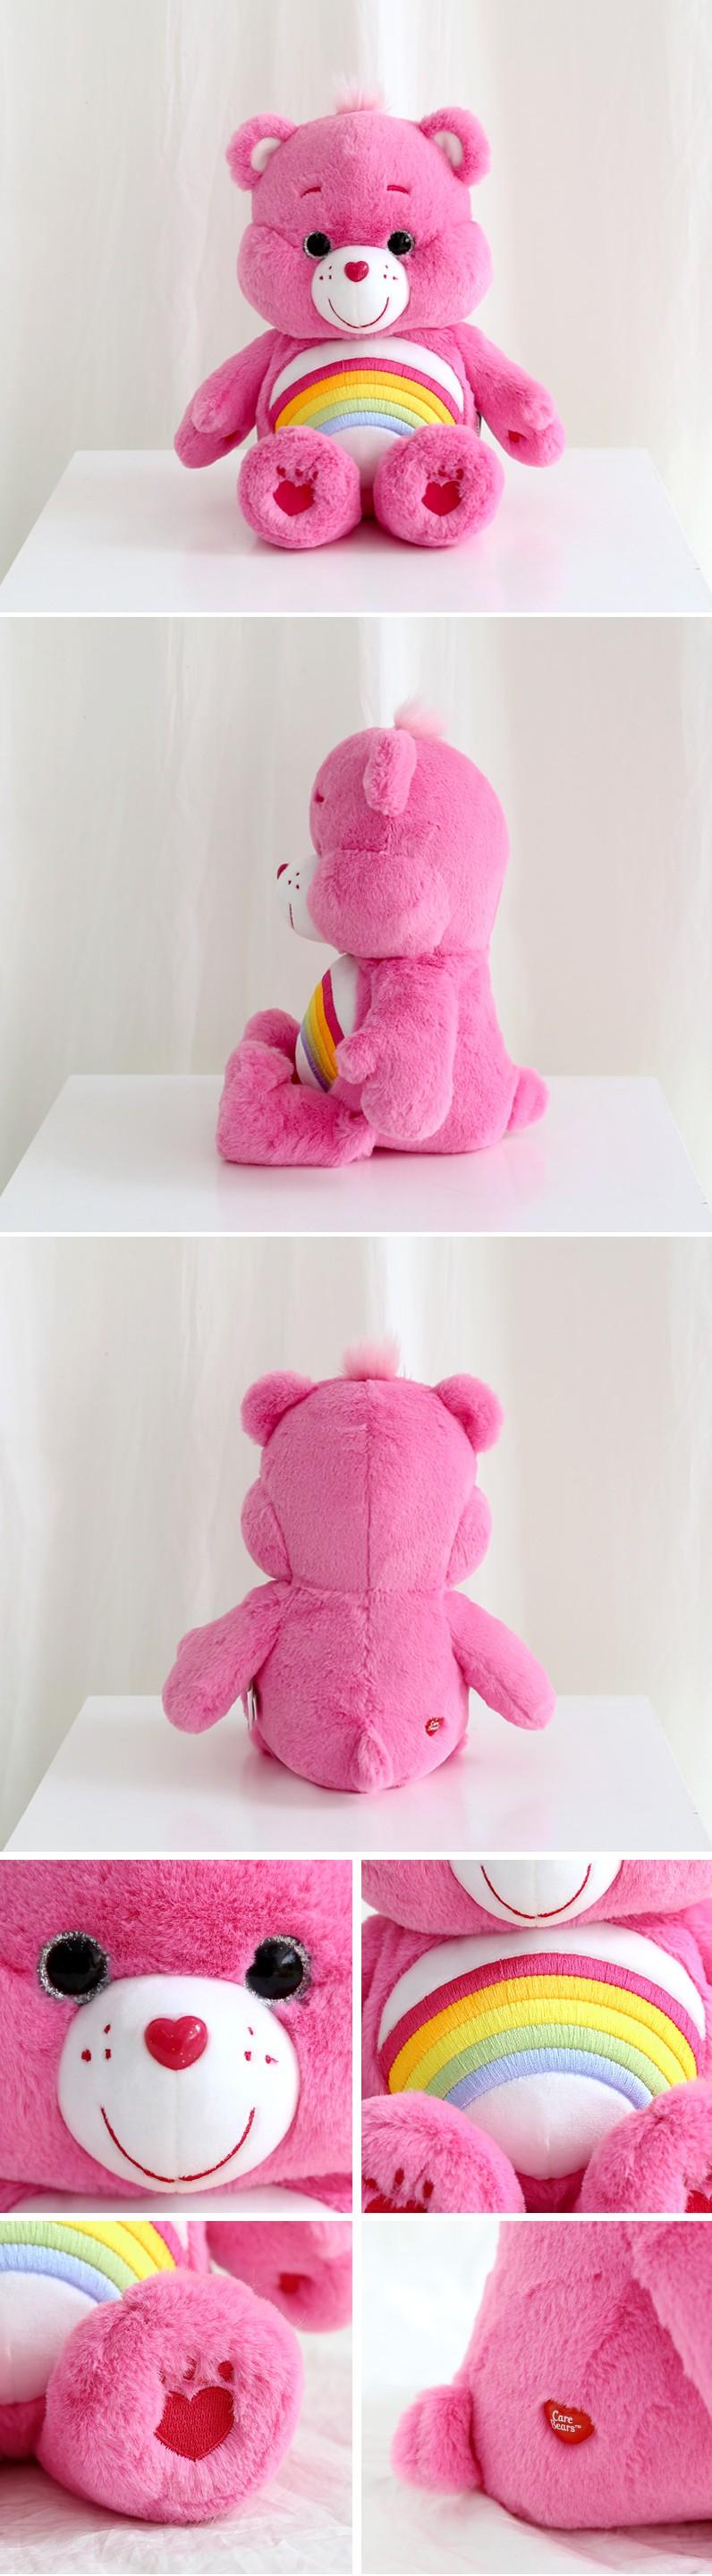 케어베어 봉제 인형 30cm 핑크 (치어 베어) - 리락쿠마돌스, 11,900원, 캐릭터인형, 게임/애니메이션